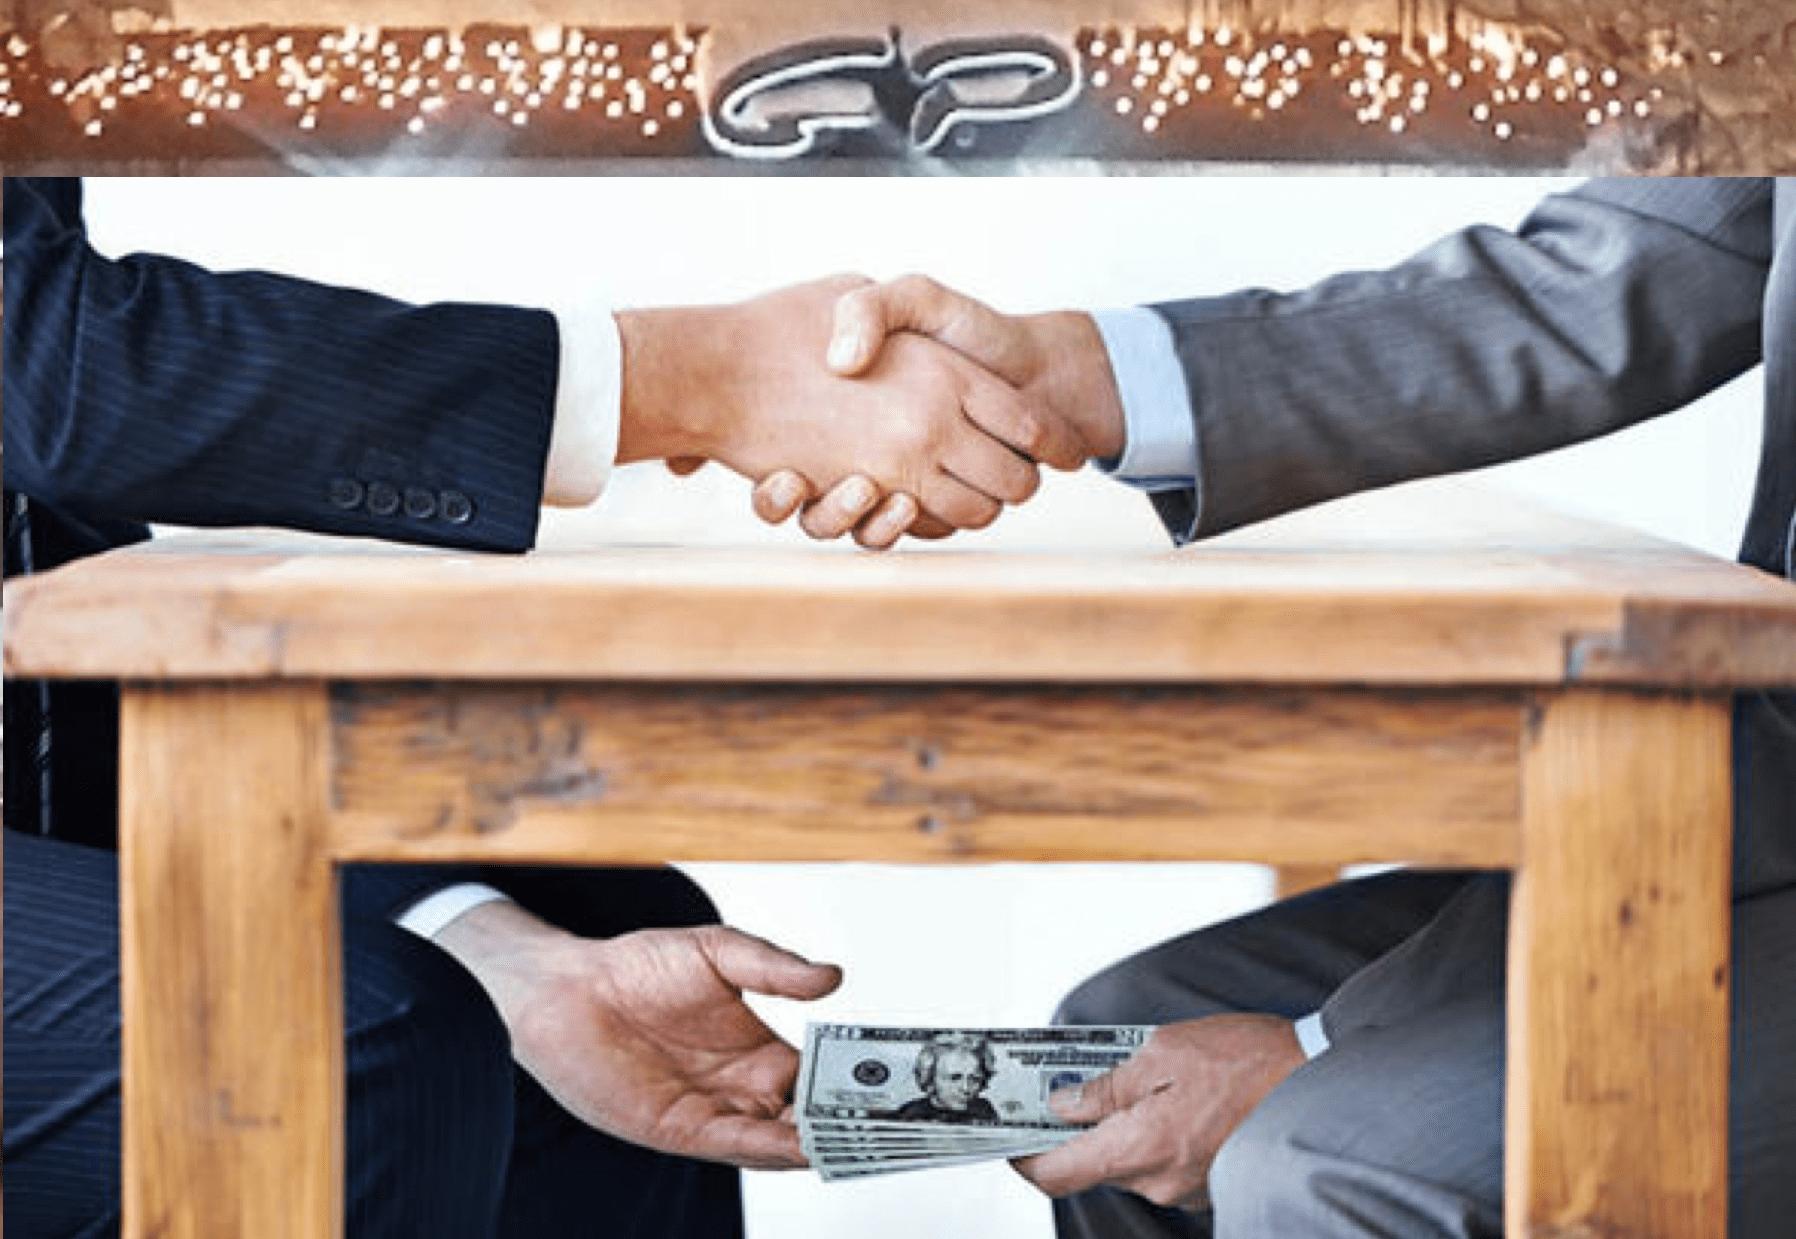 #ДжиПиГейт: Гранд корупция с еврофондове и обществени поръчки през консултантски фирми